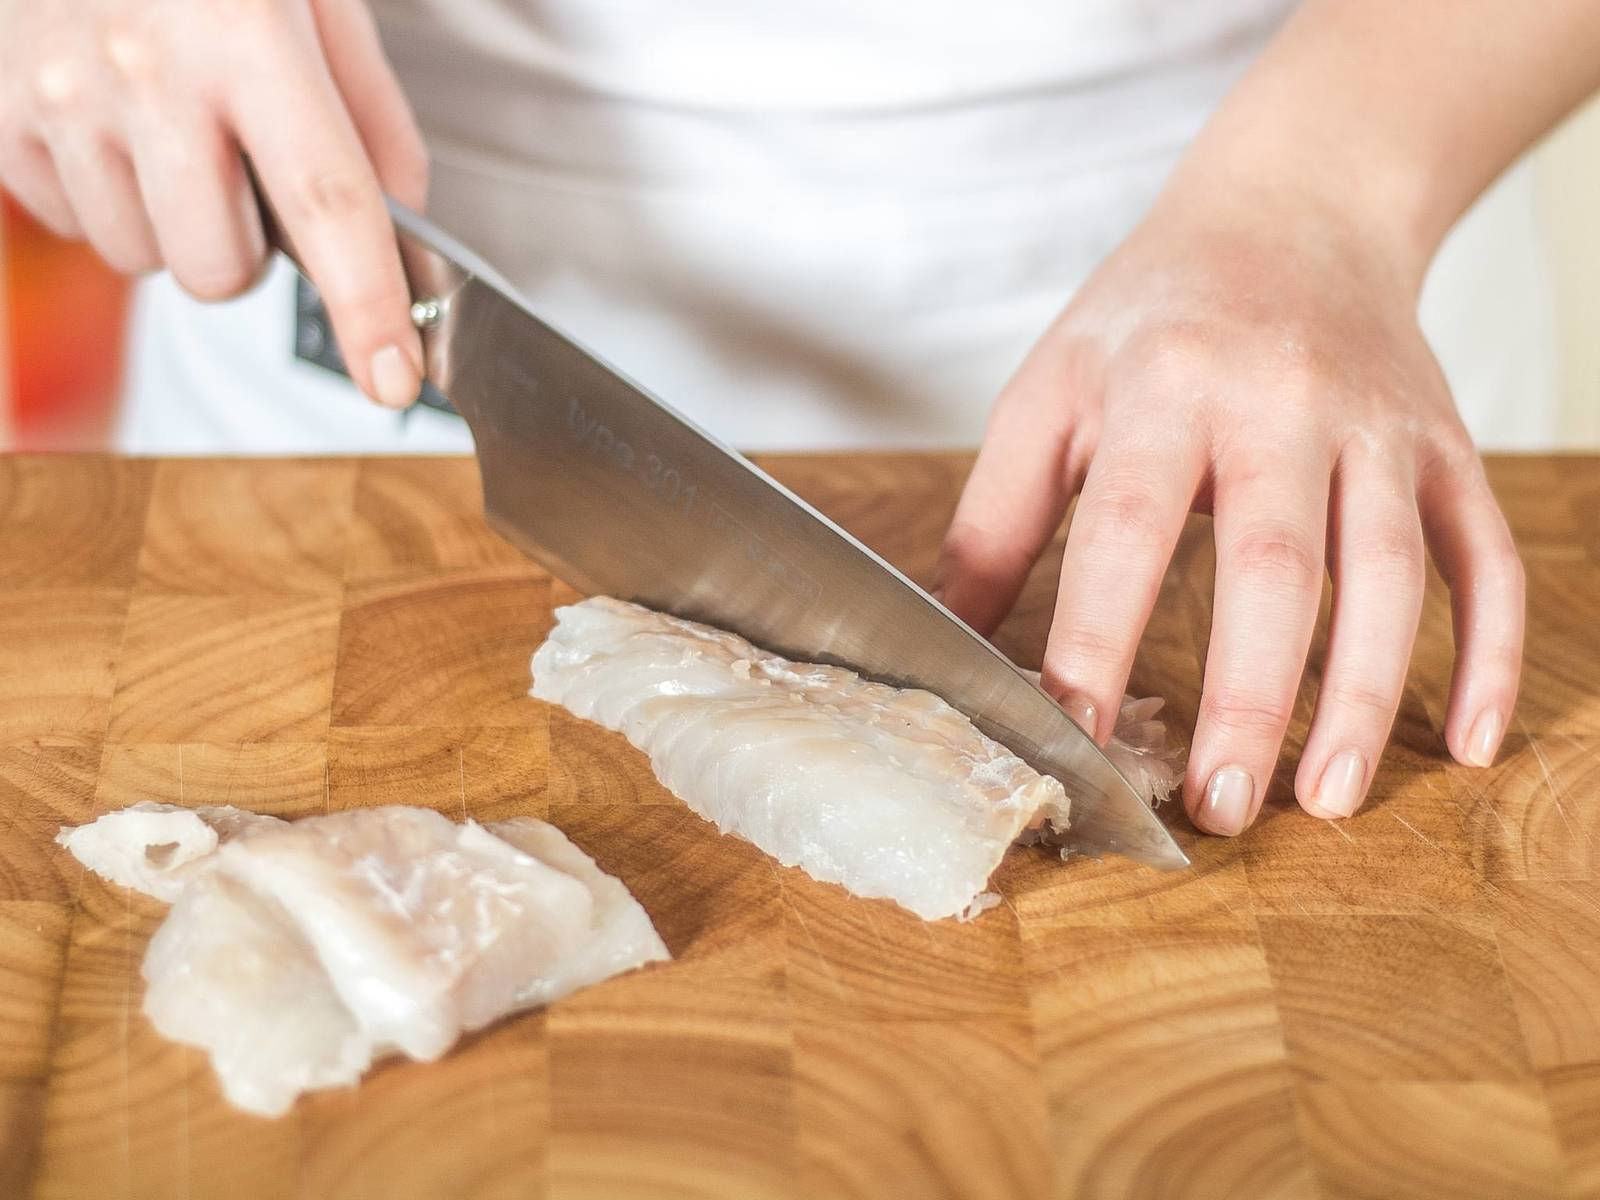 鳕鱼切成条(约2厘米 x 8厘米)。